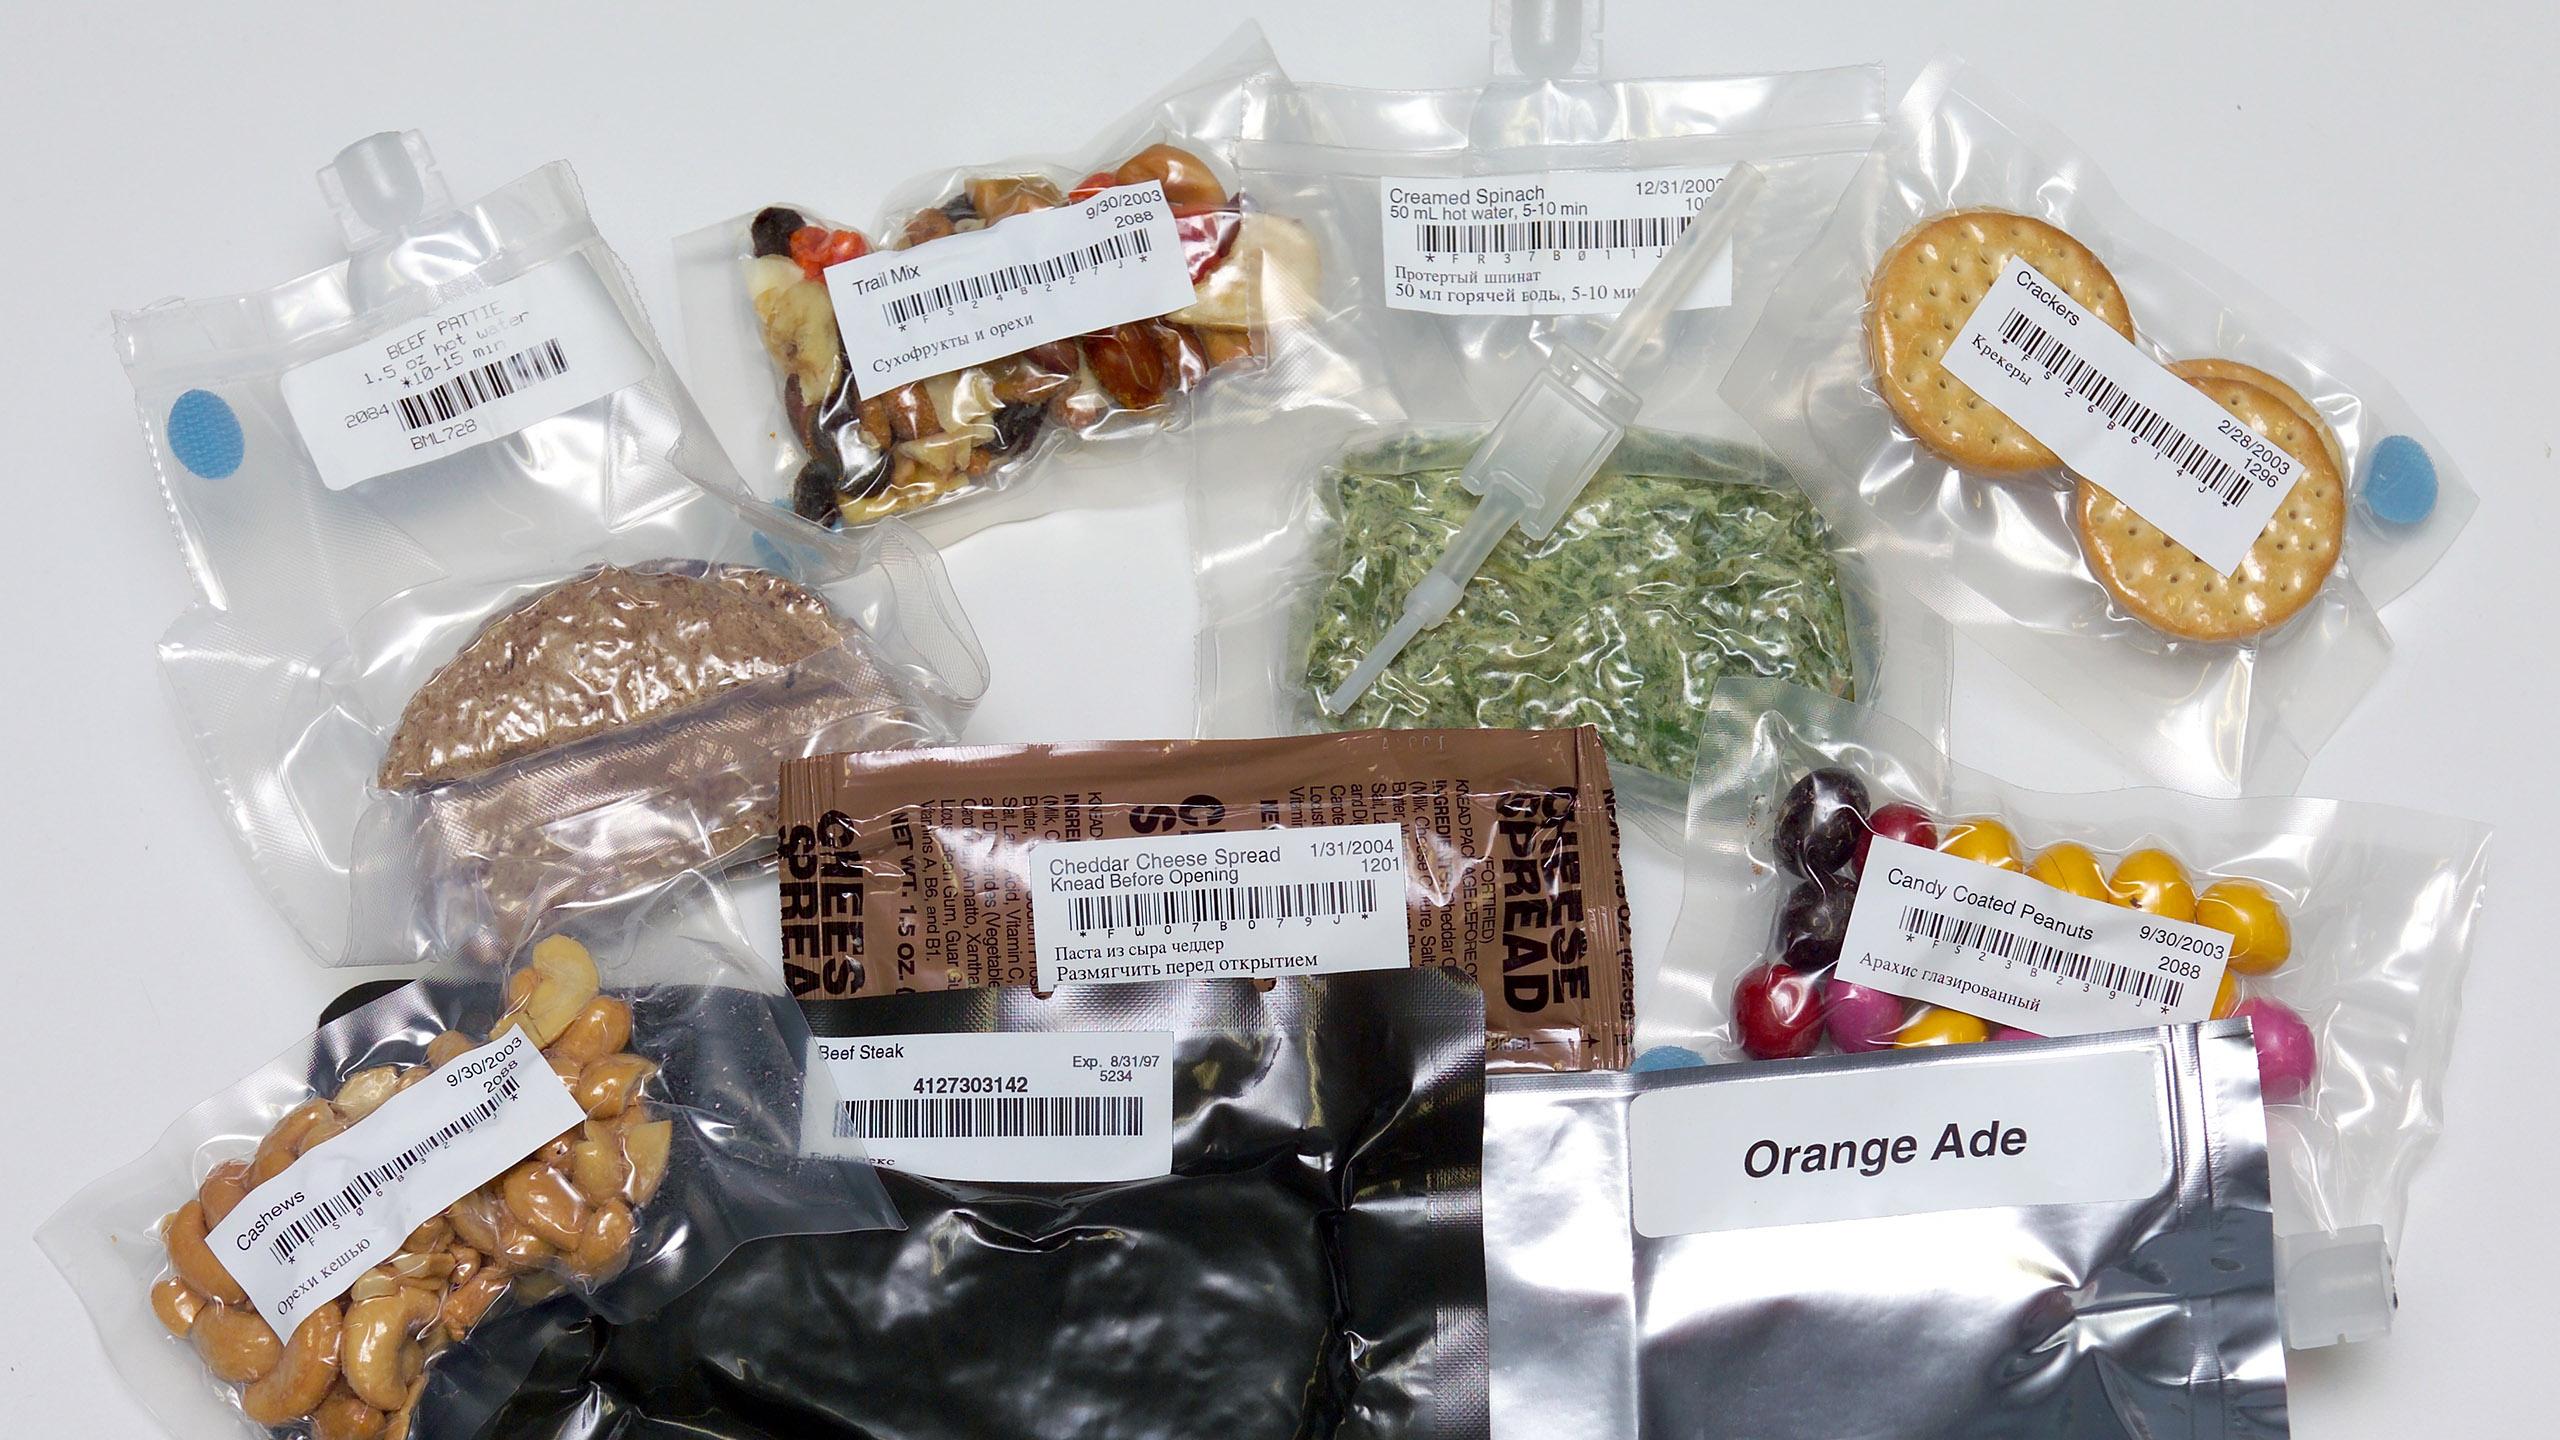 comida del espacio, comida, astronautas, espacio